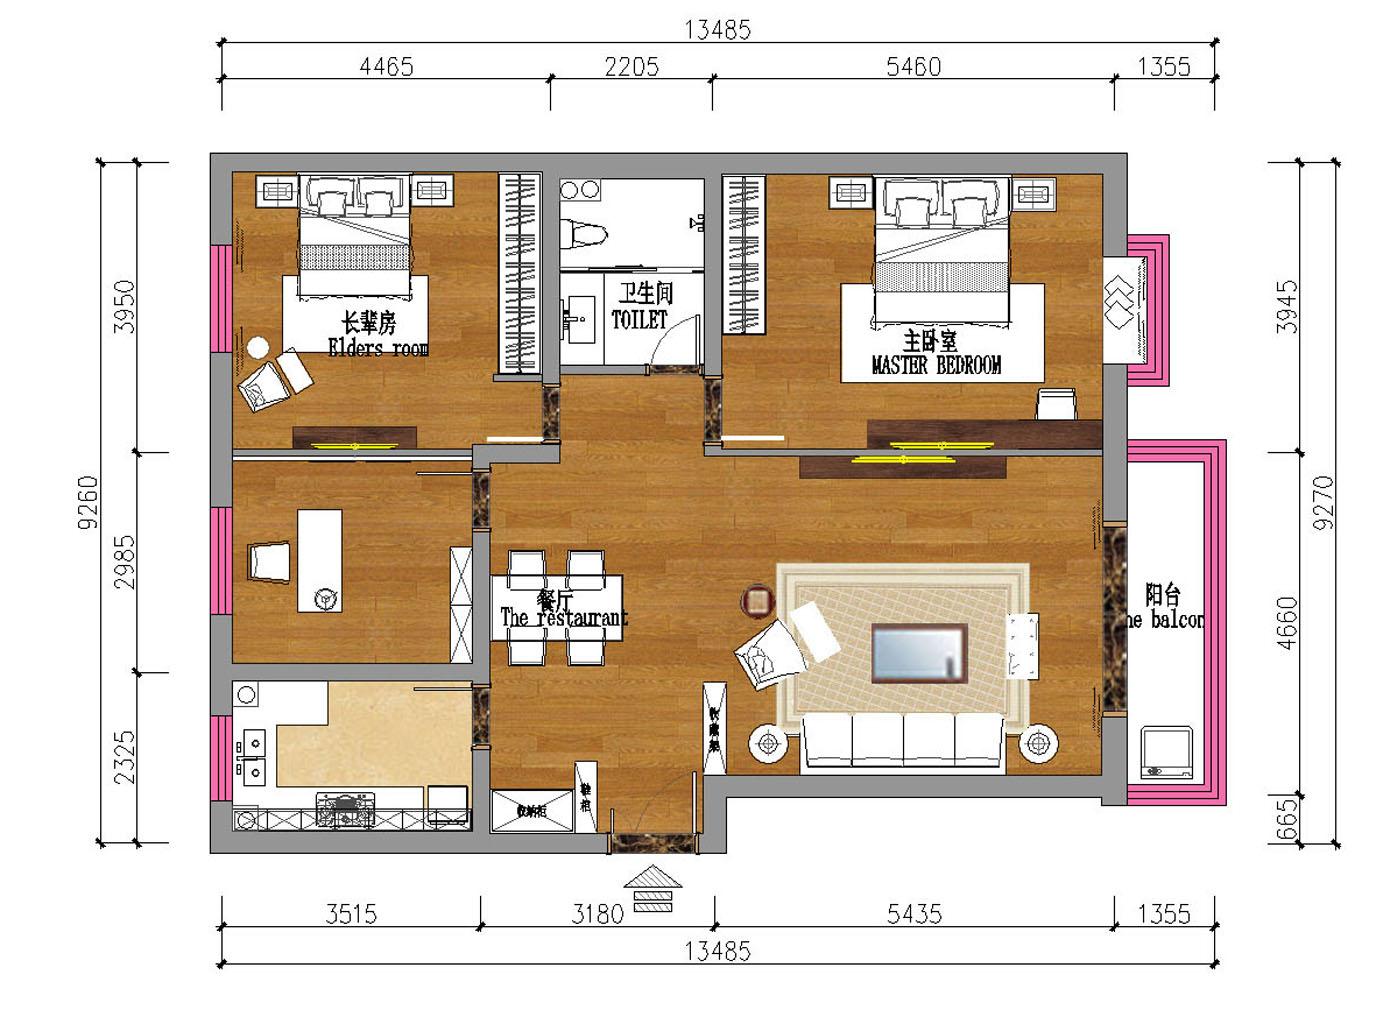 PART 1:客厅设计  (客厅原始户型图)   原始户型分析:   1、客厅格局方正,与玄关之间有雕花隔断,坐拥南向阳台,采光通风好。   2、餐厅位于过道尽头角落里,用餐区域稍显狭窄,且与厨房相隔甚远。   业主需求分析:   1、西北空气干燥,散射光少,颜色还是得以白色为主,客厅餐厅墙面乳胶漆即可。   2、另外需要一个酒柜,摆一些名酒和工艺品,另外还要放酒杯茶杯的收纳展示区。  (客厅平面设计图)   马思设计支招:   1、客厅的格局保持不变,在原来的基础上,用白色搭配灰黑色,打造时尚空间。